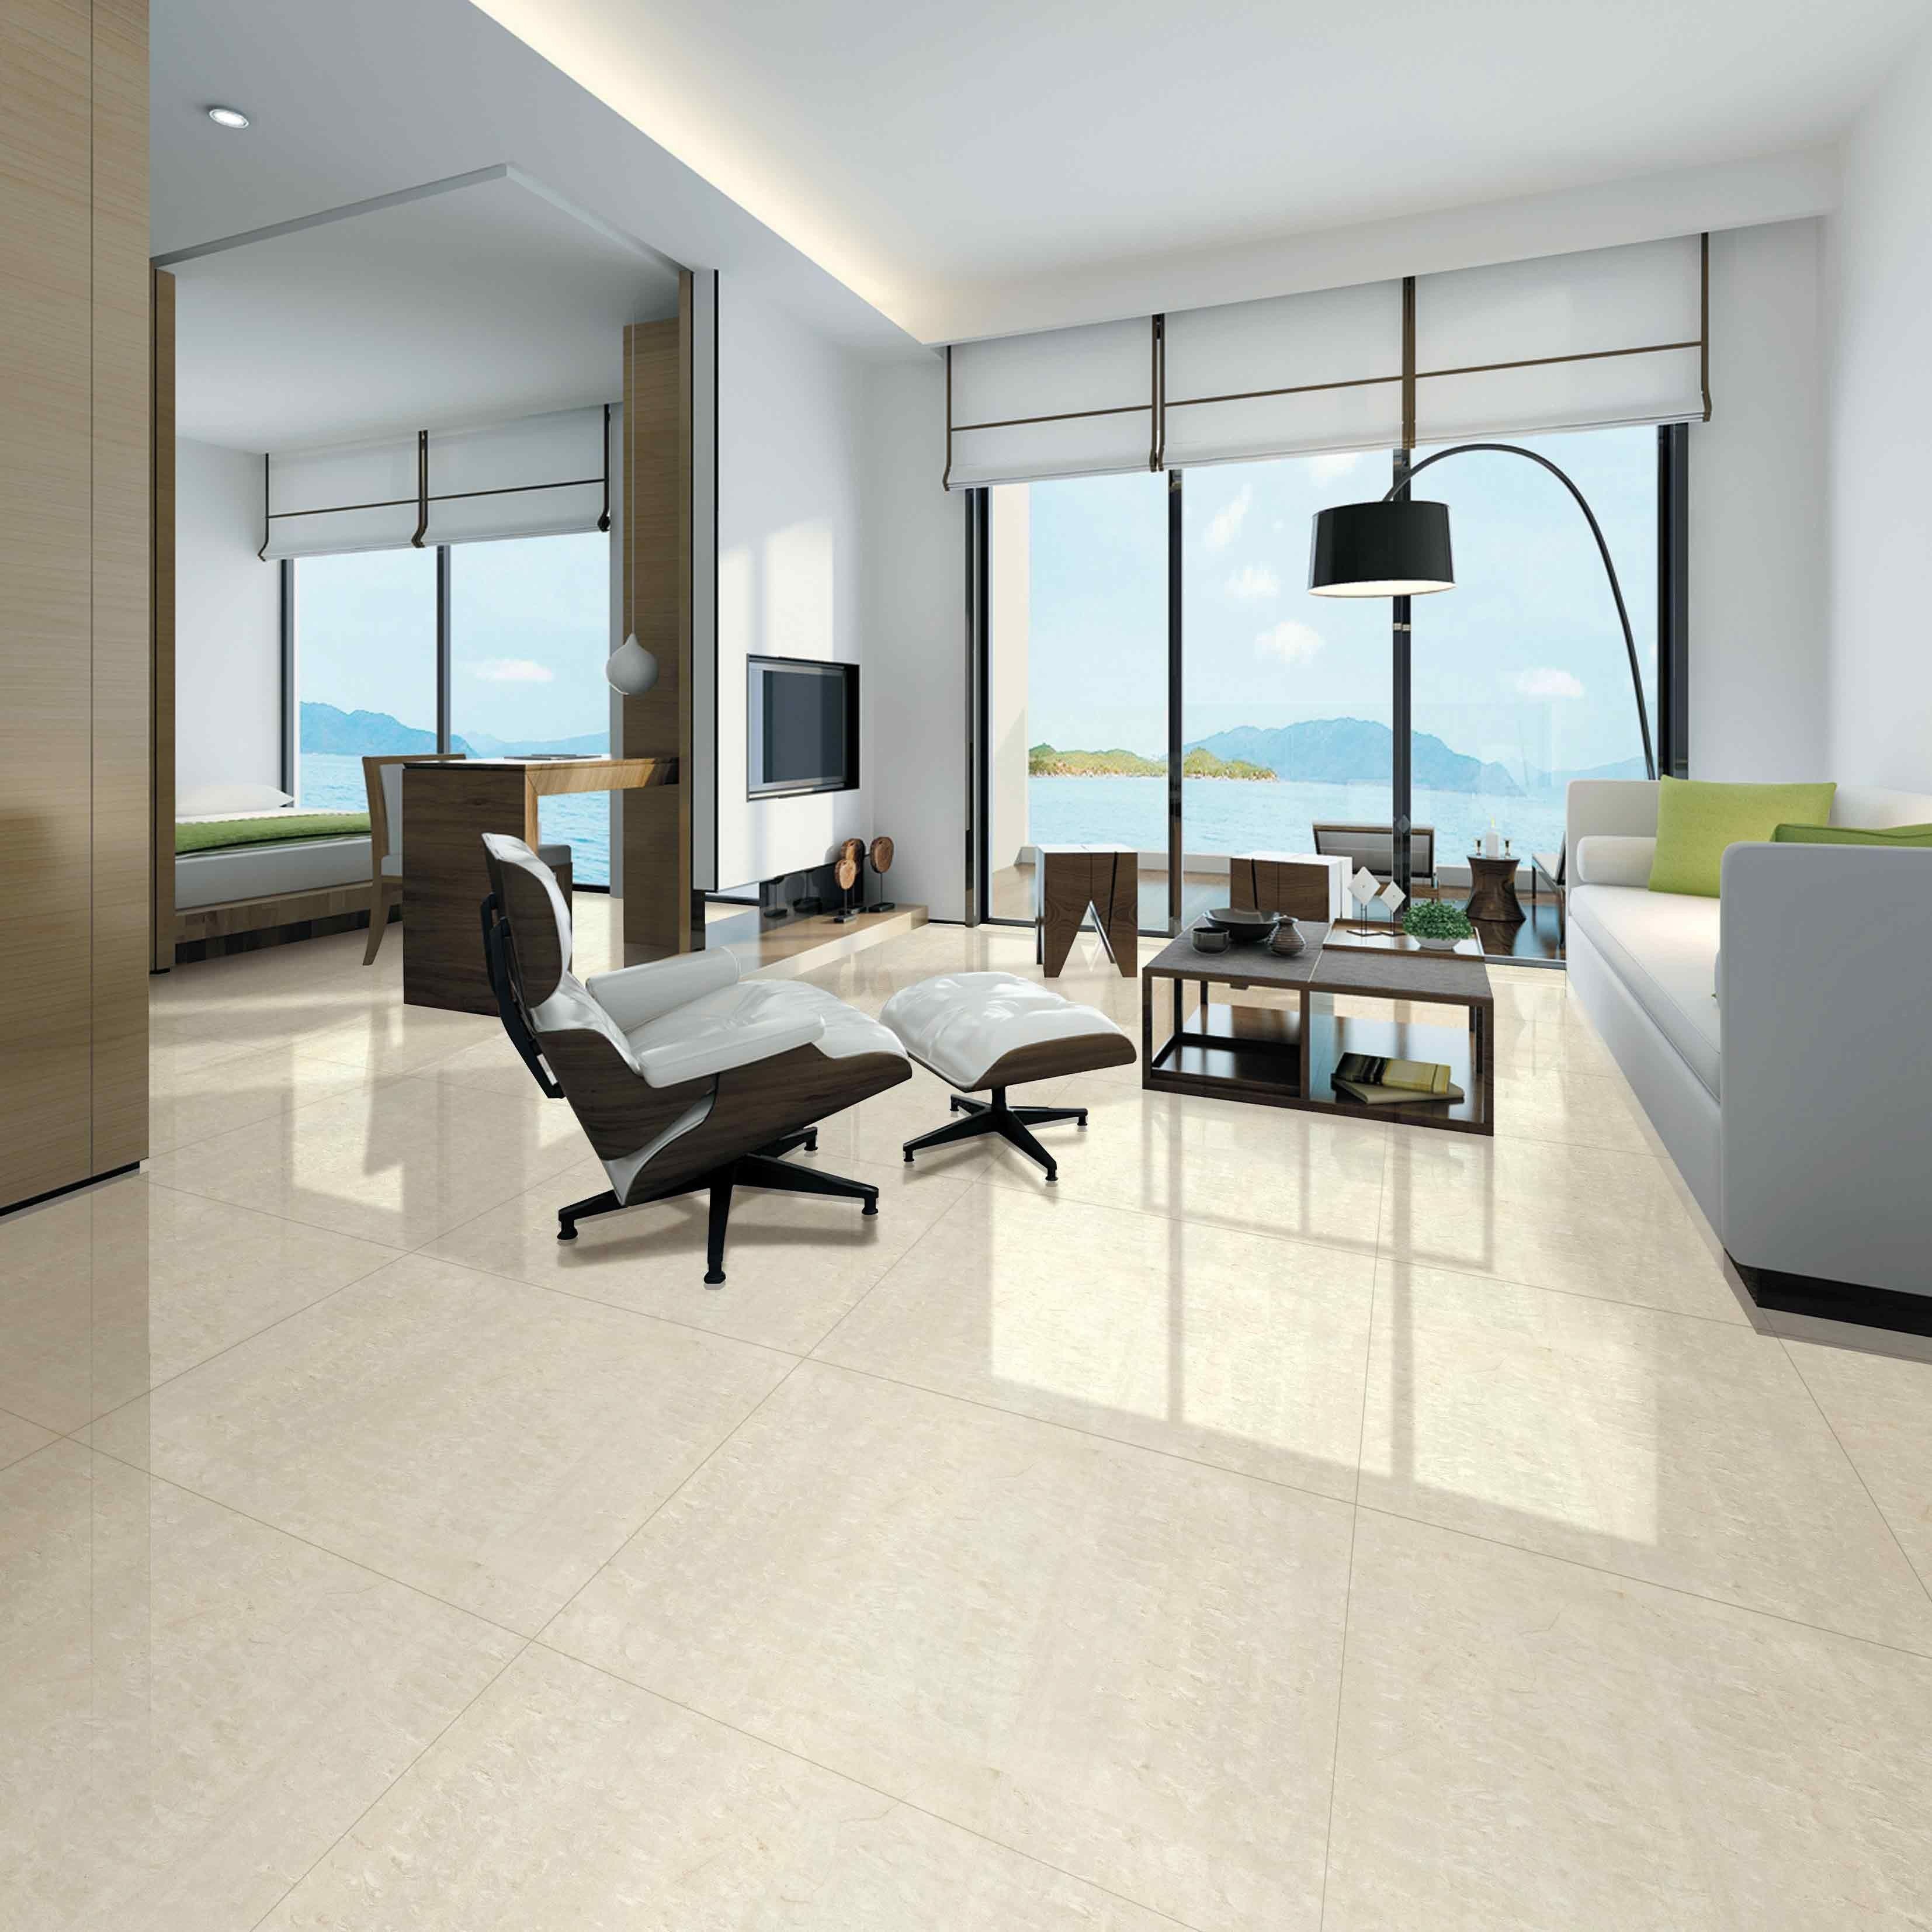 Cream Polished Porcelain Floor Tiles